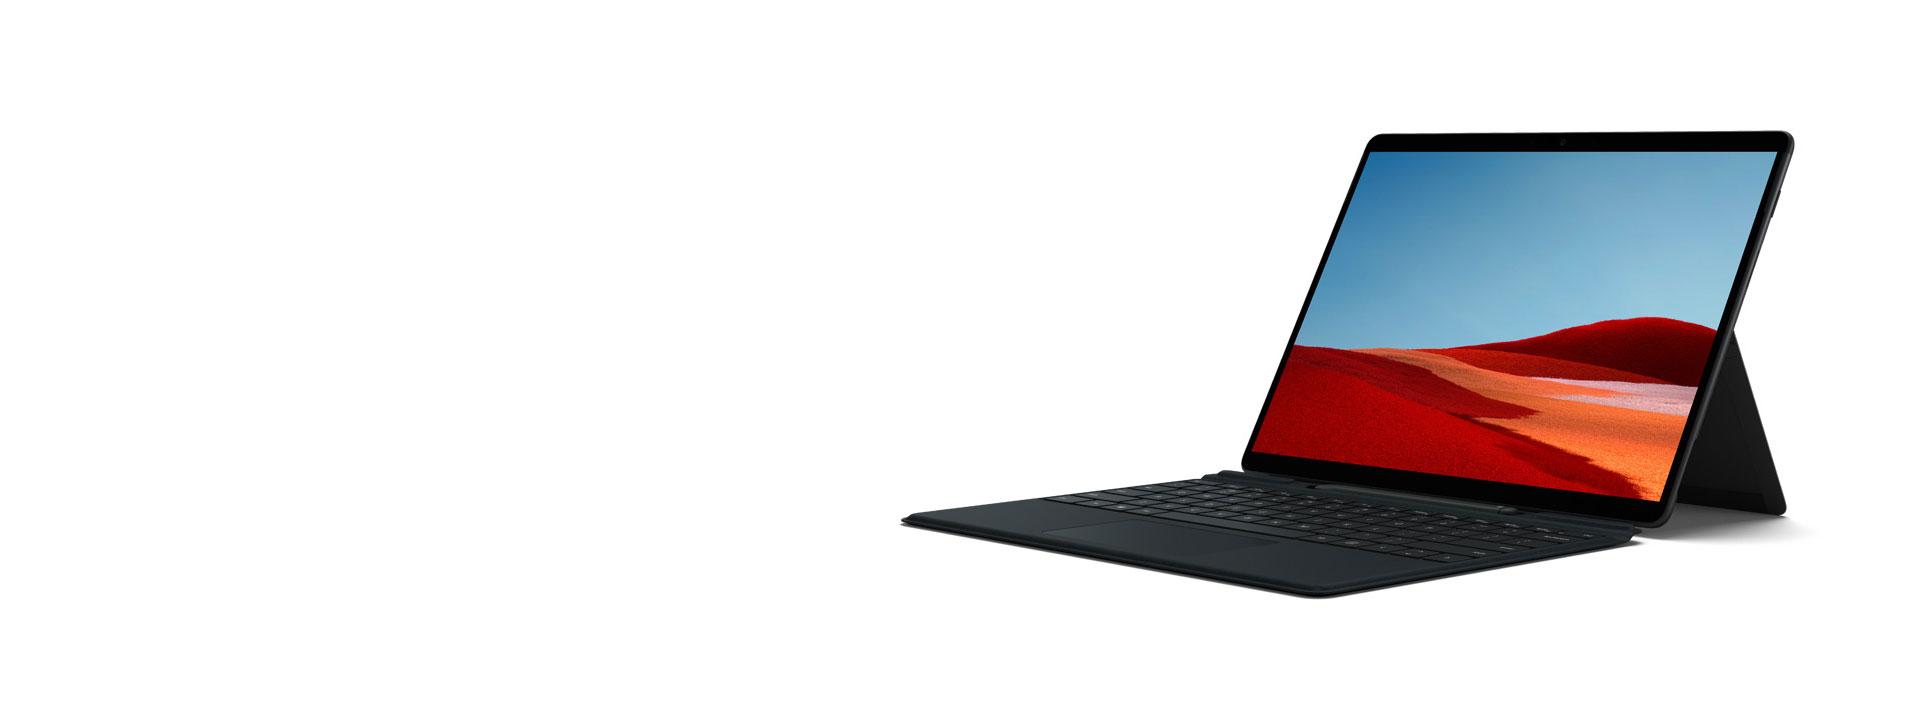 带 13 英寸 PixelSense™ 显示屏的典雅黑 Surface Pro X